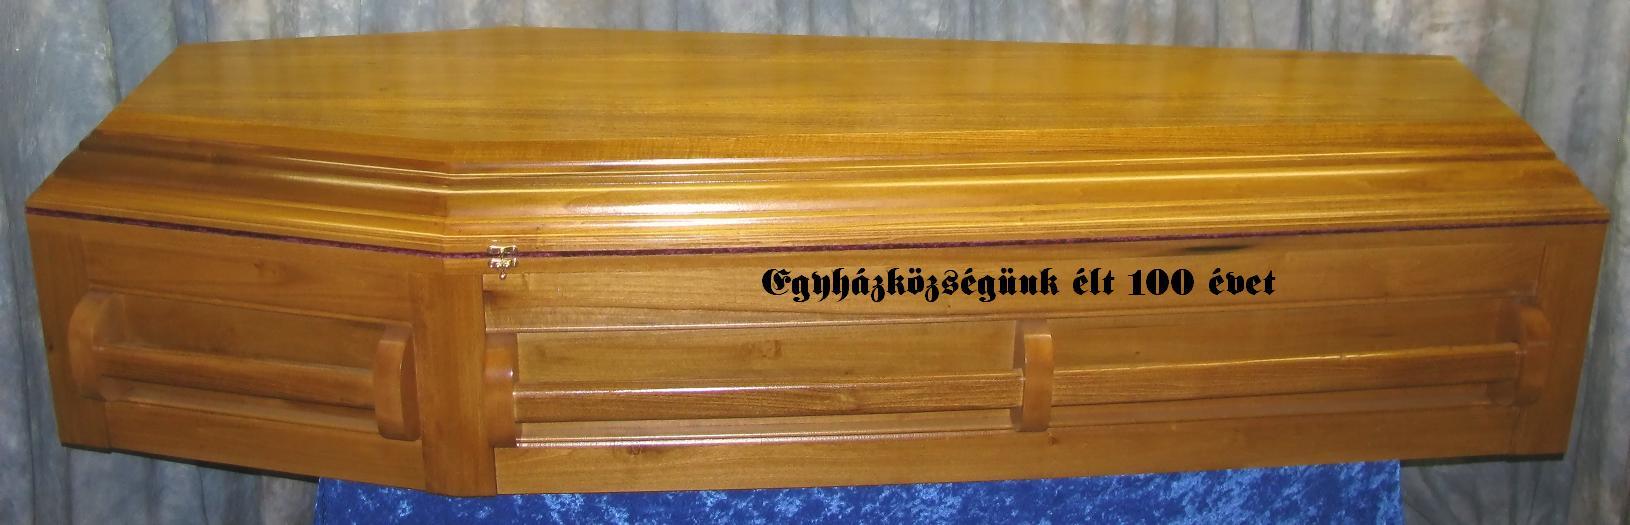 koporso-coffin-oak-stain 2.JPG